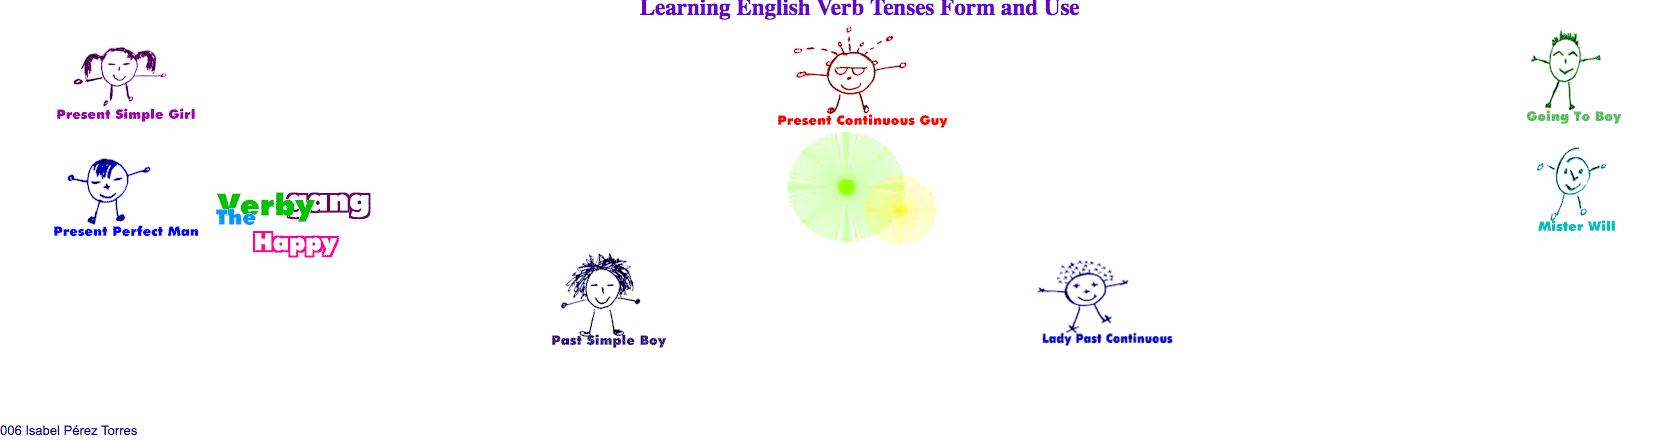 englishspanish